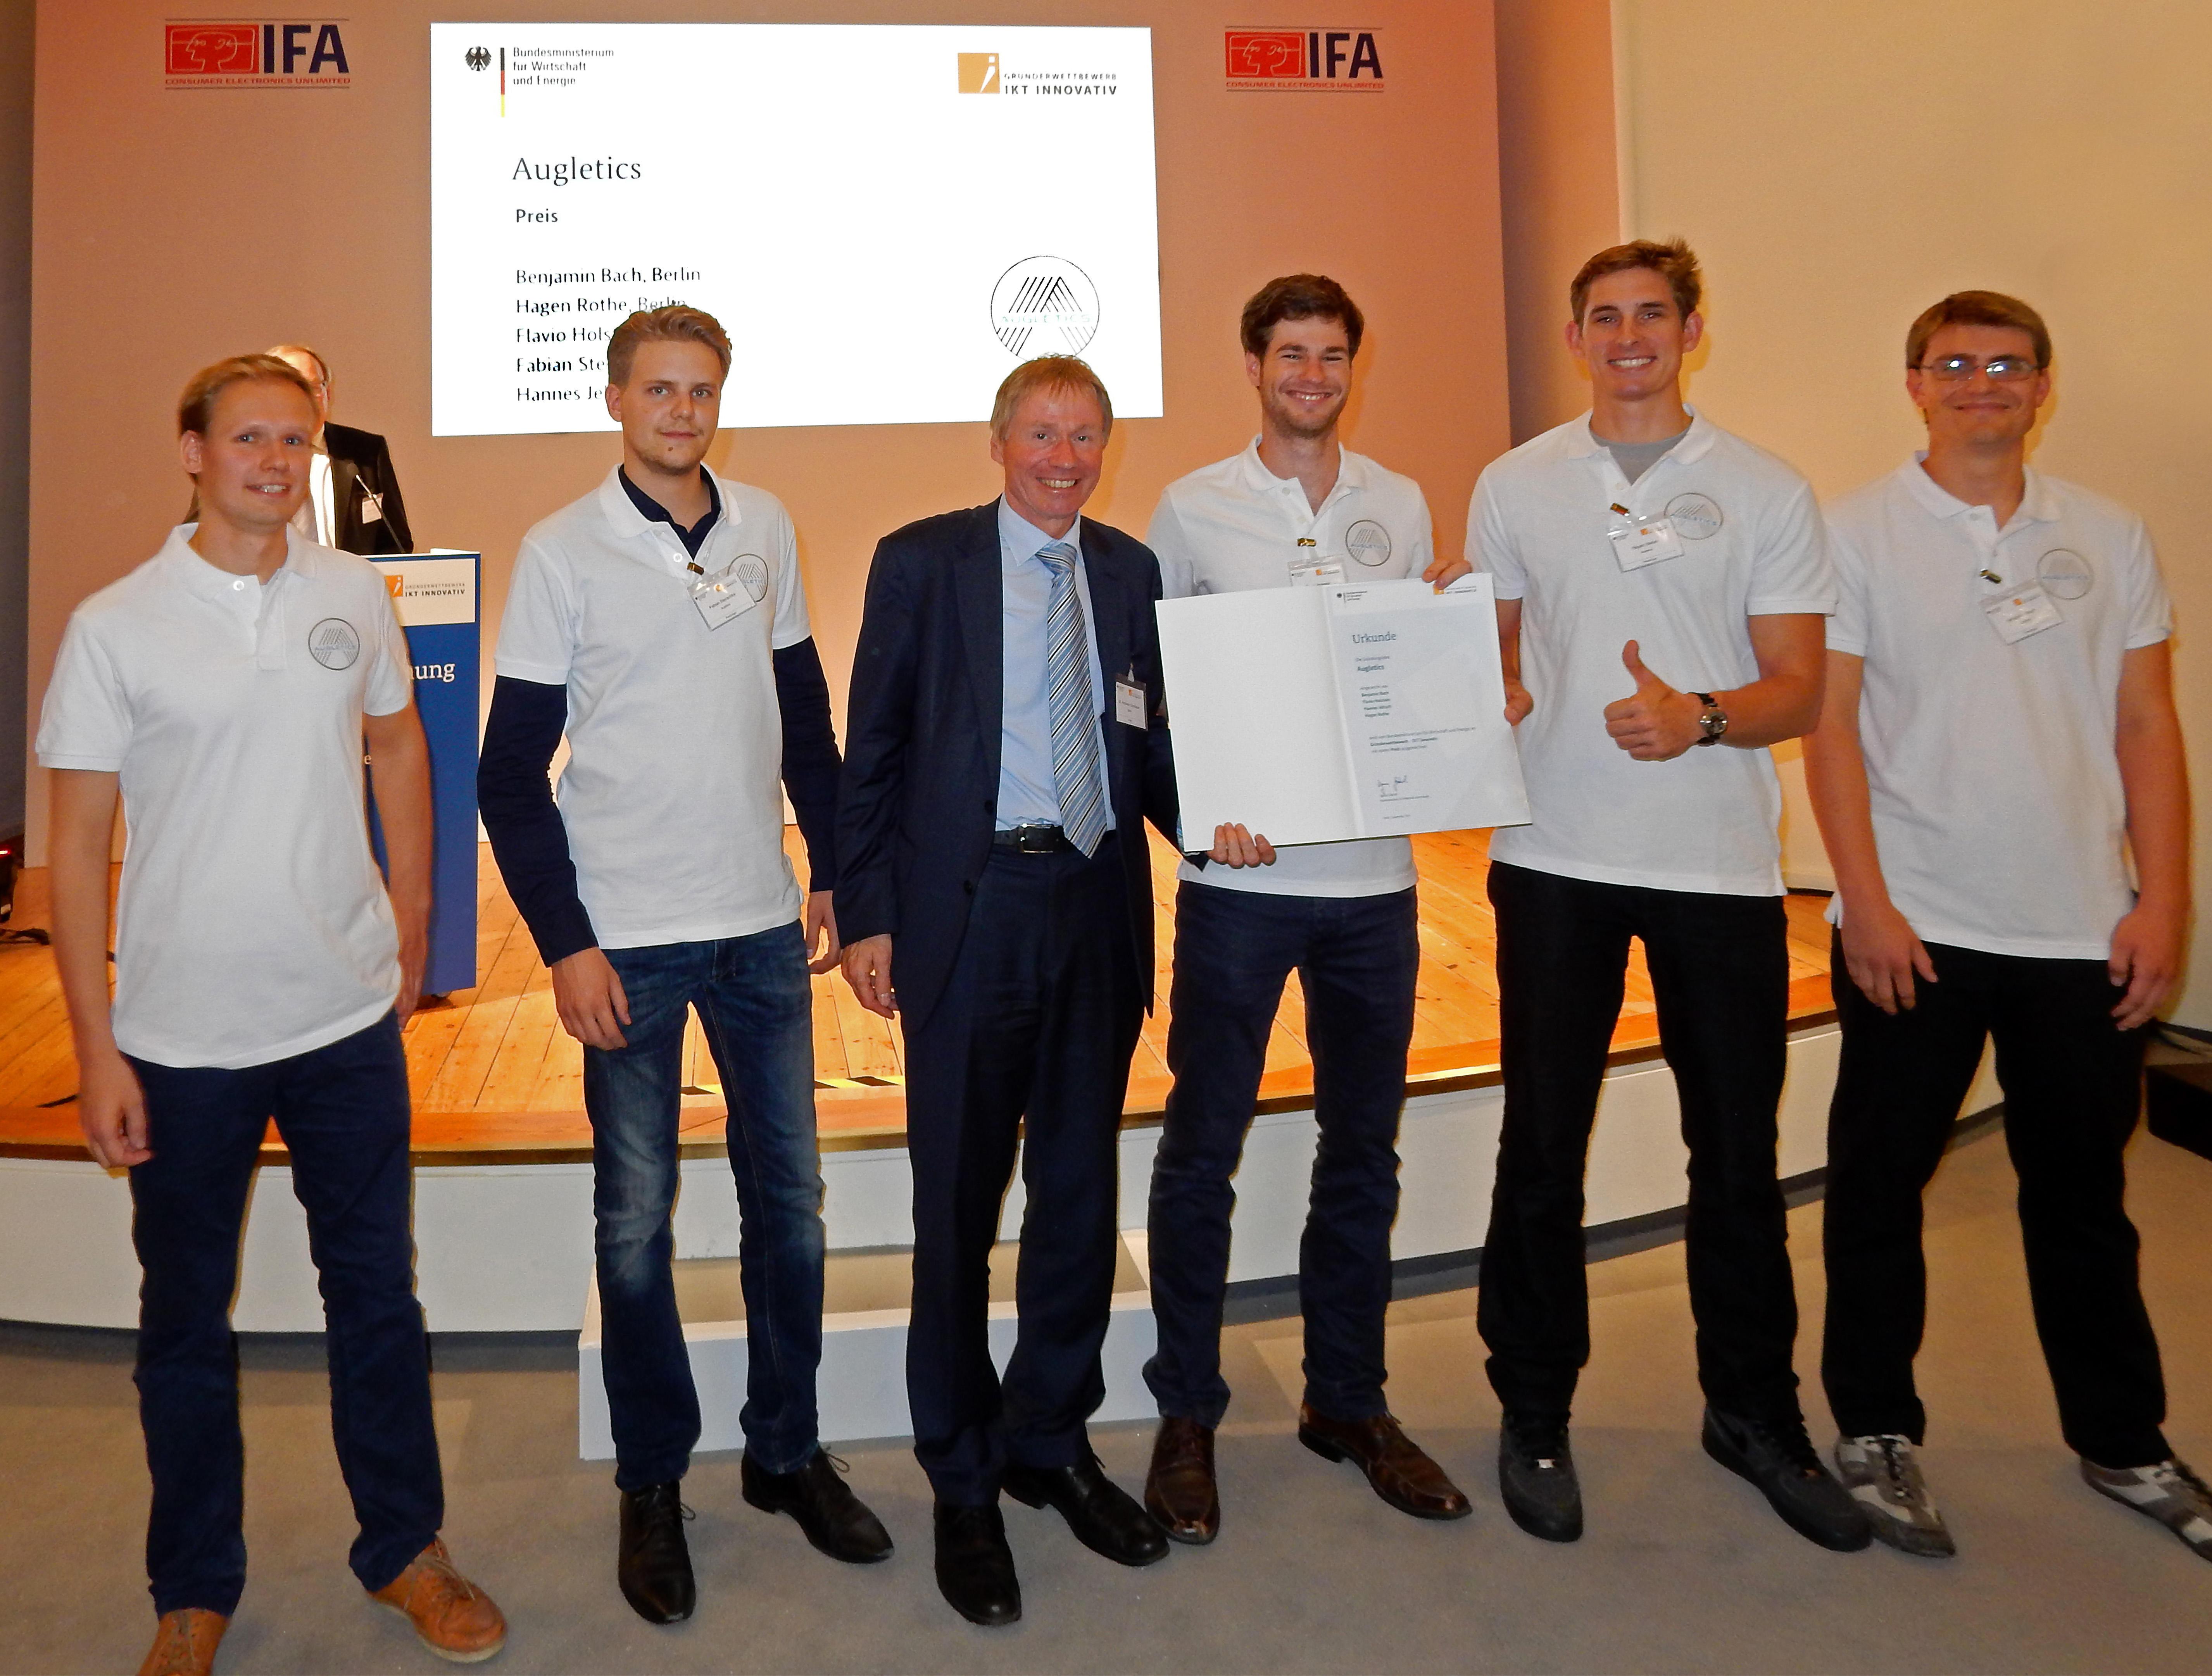 Das Start-up Augletics wurde auf der IFA ausgezeichnet. Die Preisträger  Hannes Jeltsch, Fabian Stenschke, Hagen Rothe, Flavio Holstein und Benjamin  Bach ...